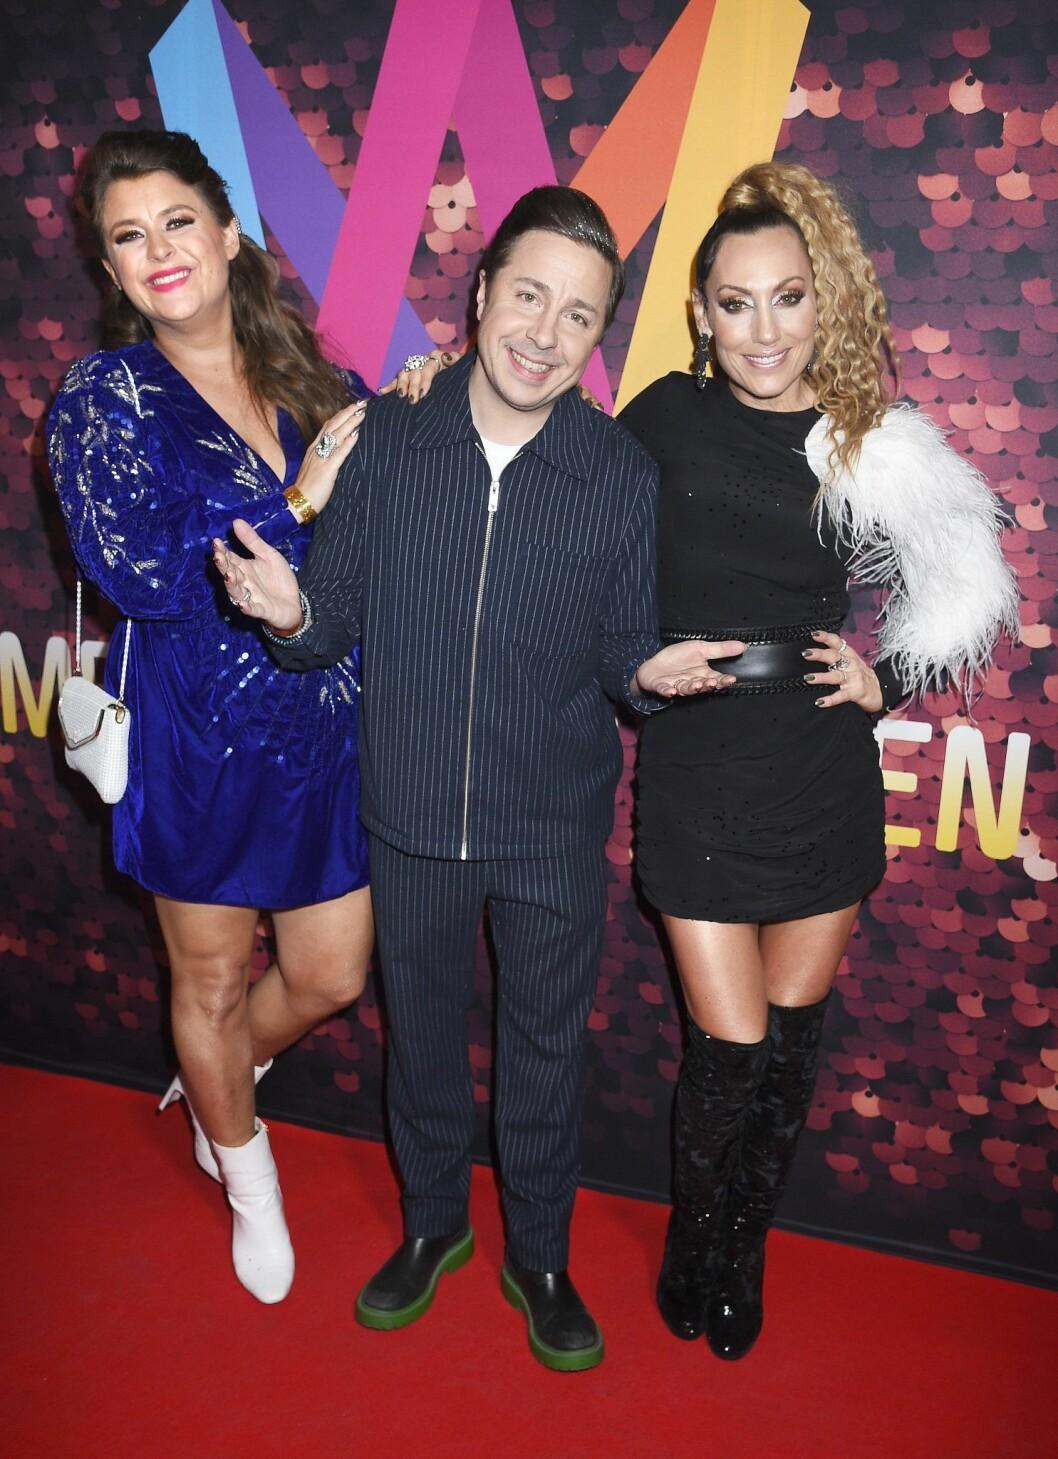 Linnea Henriksson tillsammans med programledarkollegorna David Sundin och Lina Hedlund under Melodifestivalen.